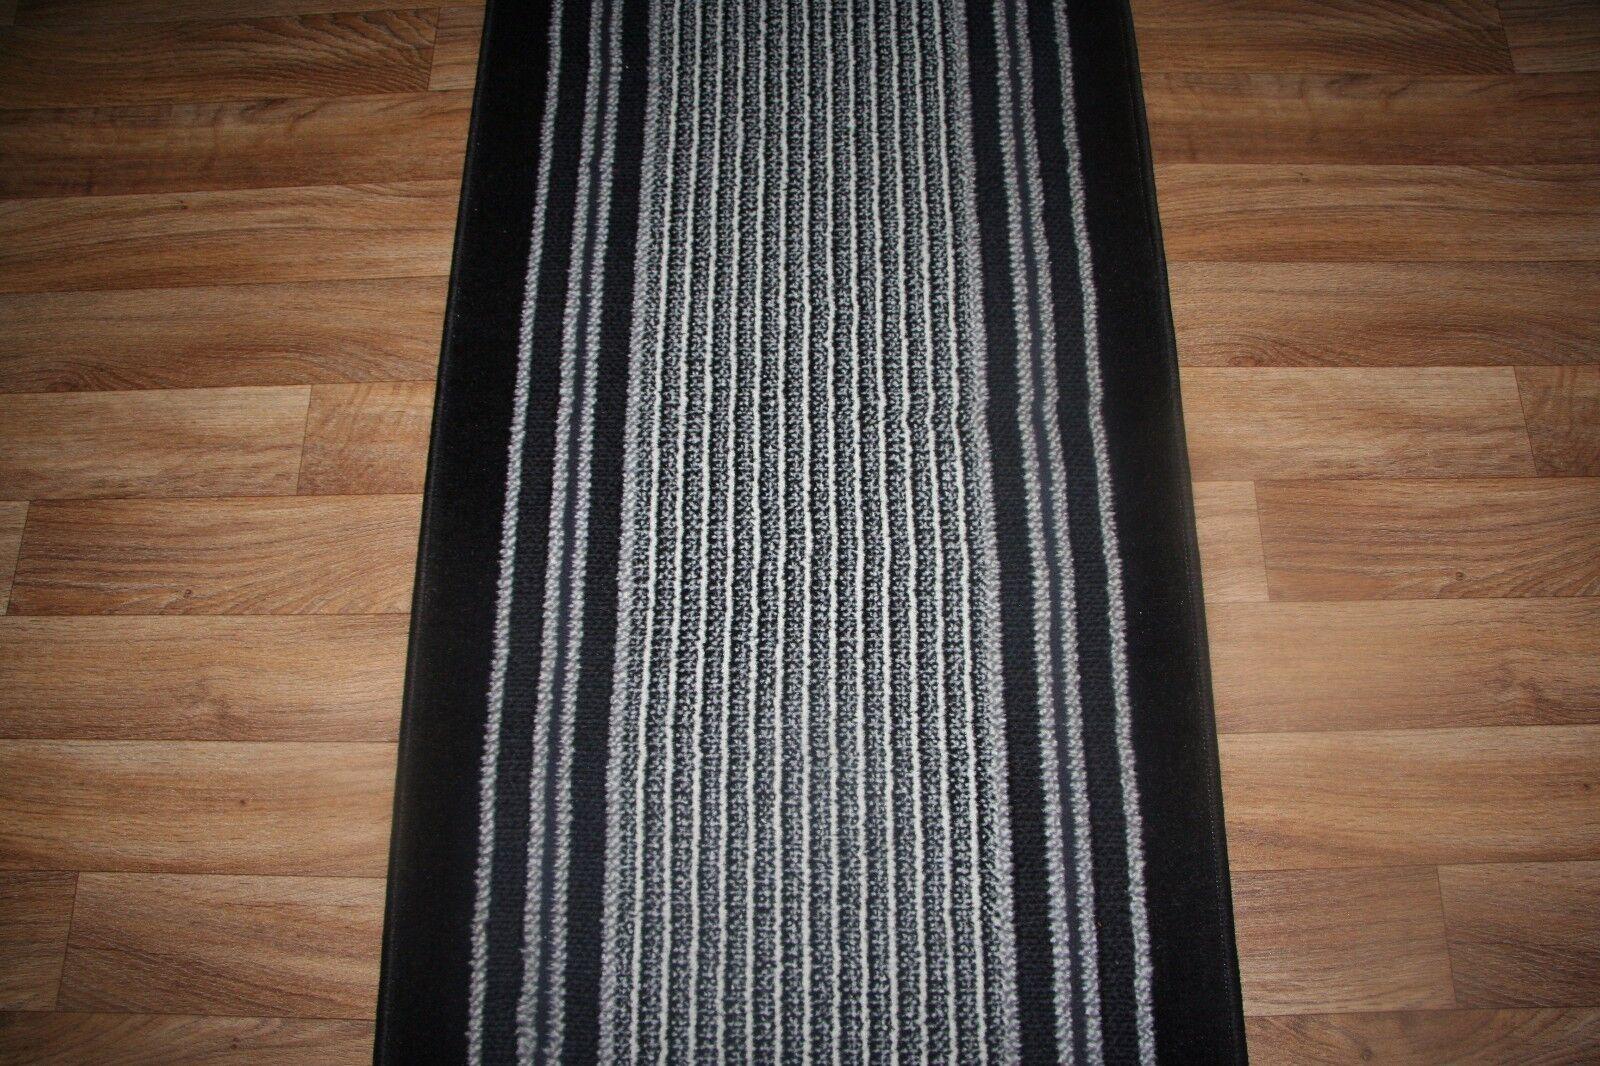 Escalier/Couloir Tapis Couloir De Couloir Tapis Toute Taille x 60 cm 2 Couleurs Rayures Coureur Escalier Hall af156a